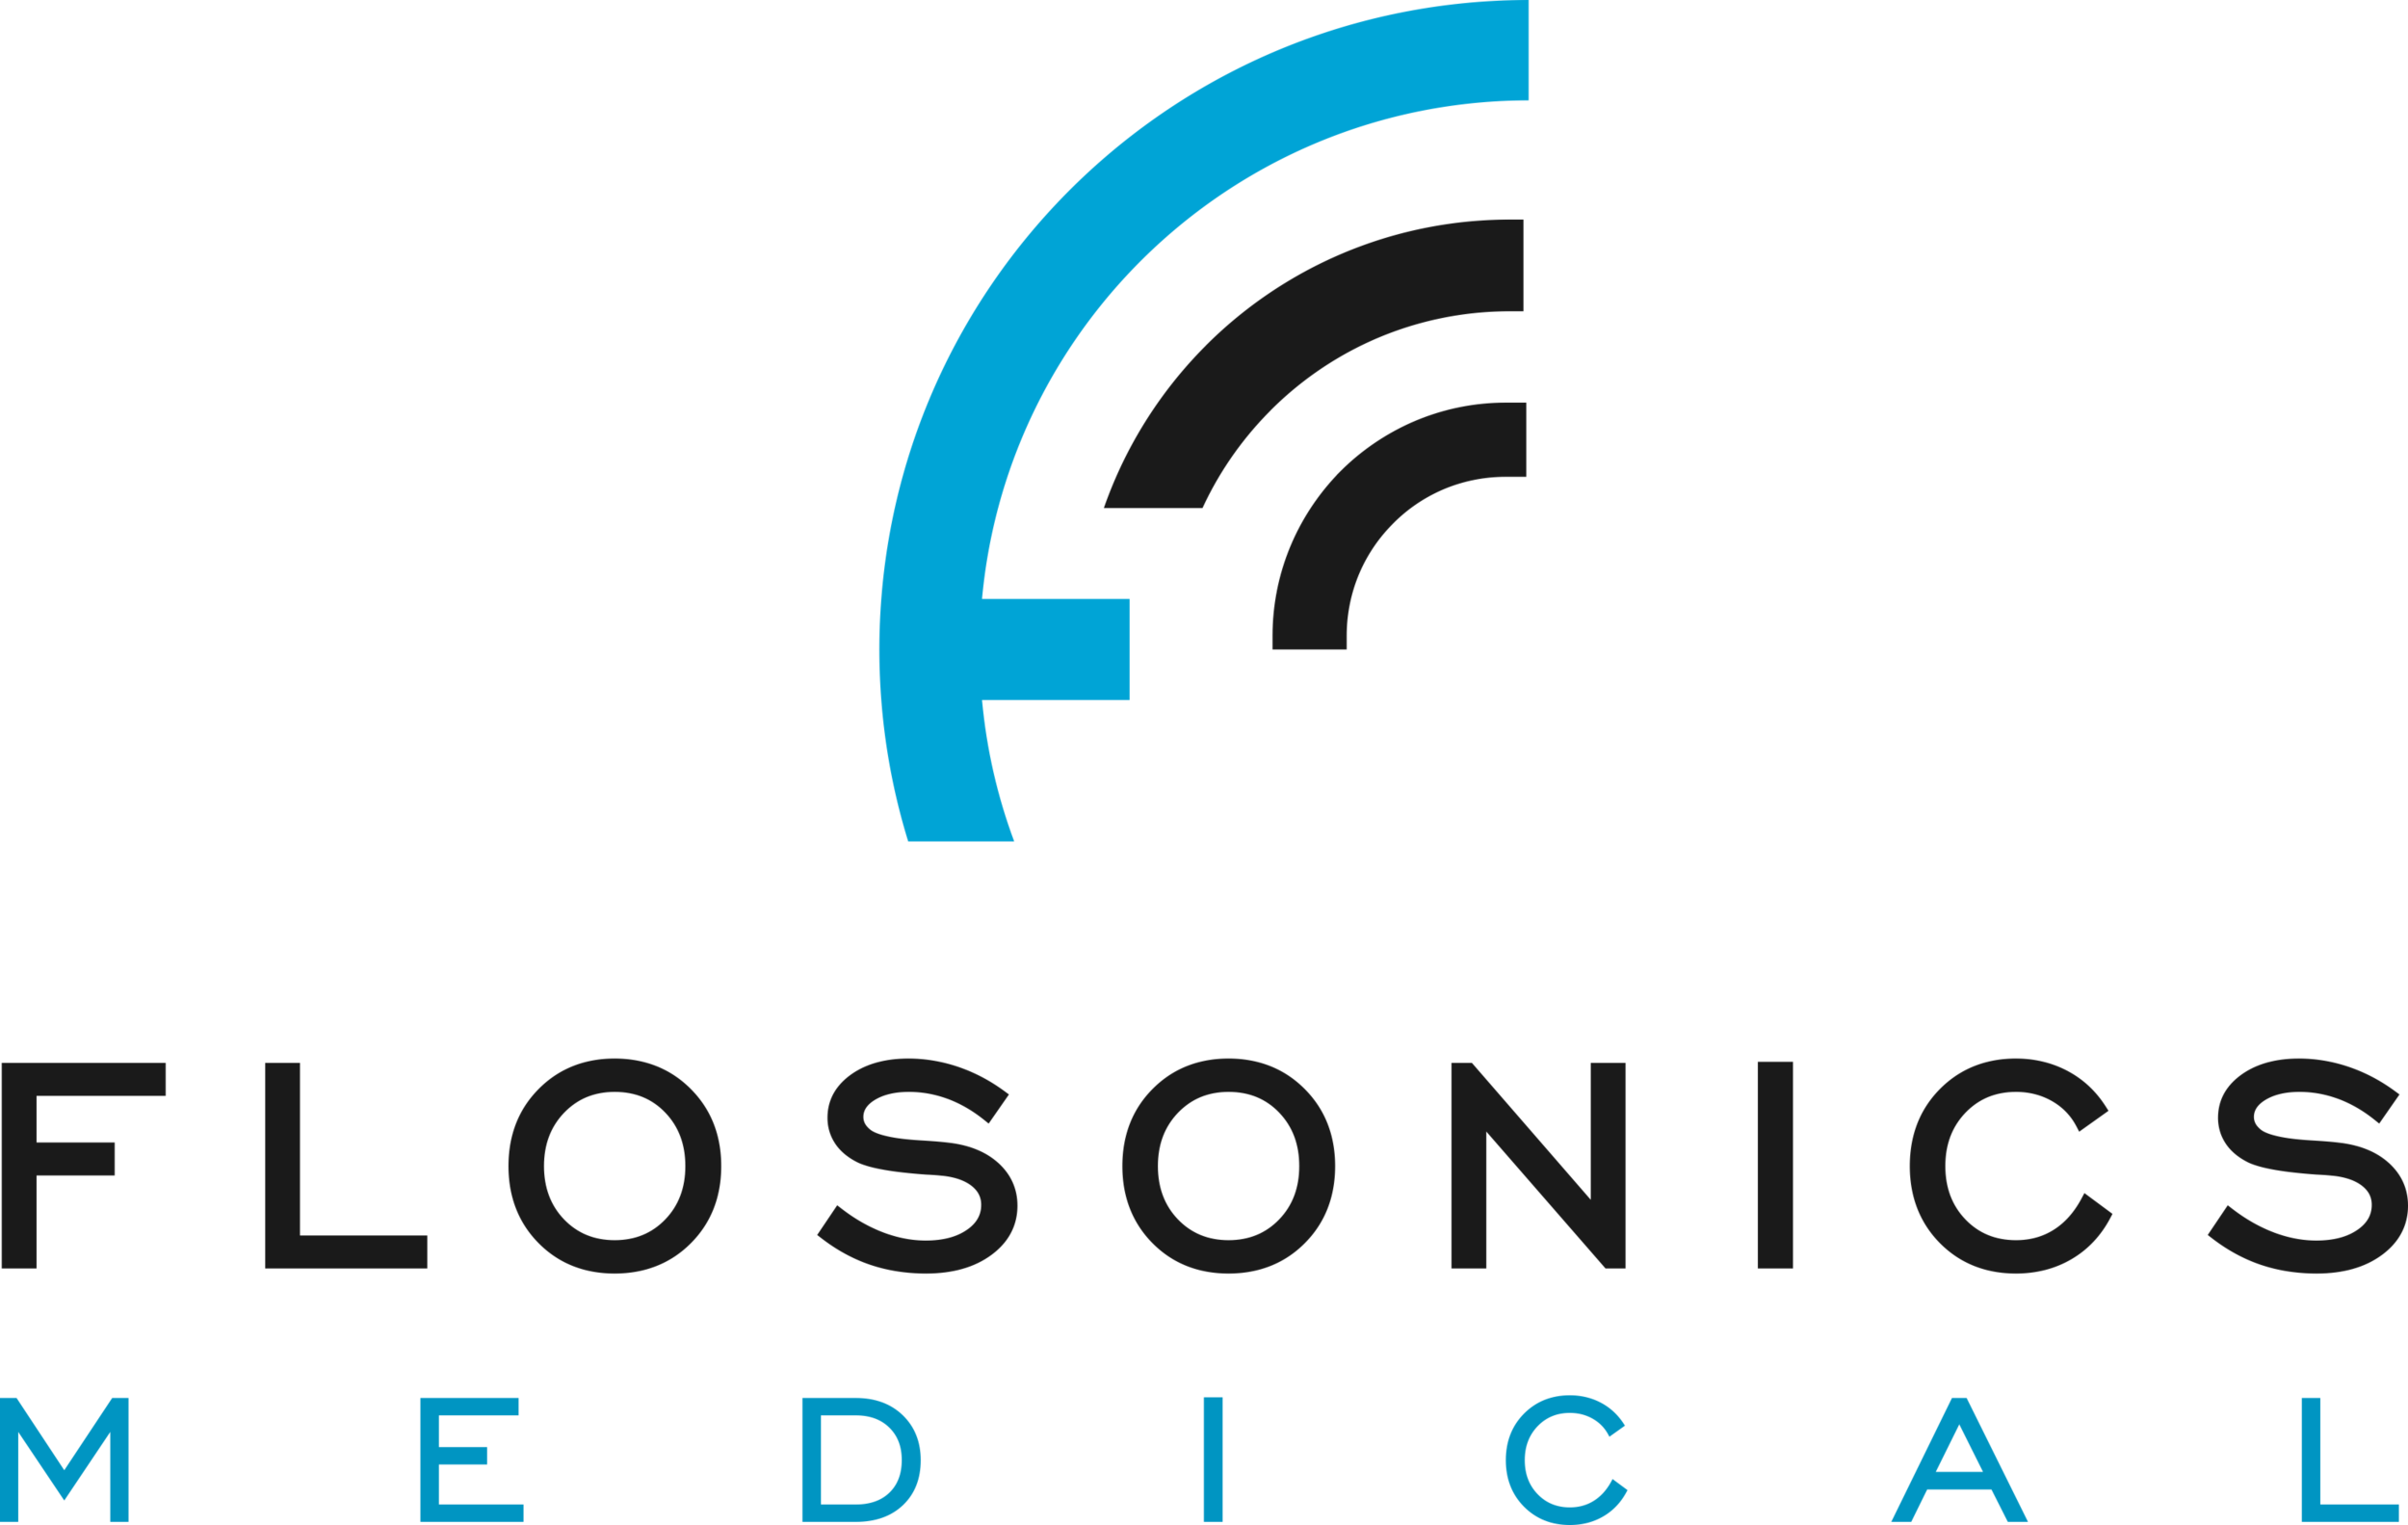 Flosonics Medical.png